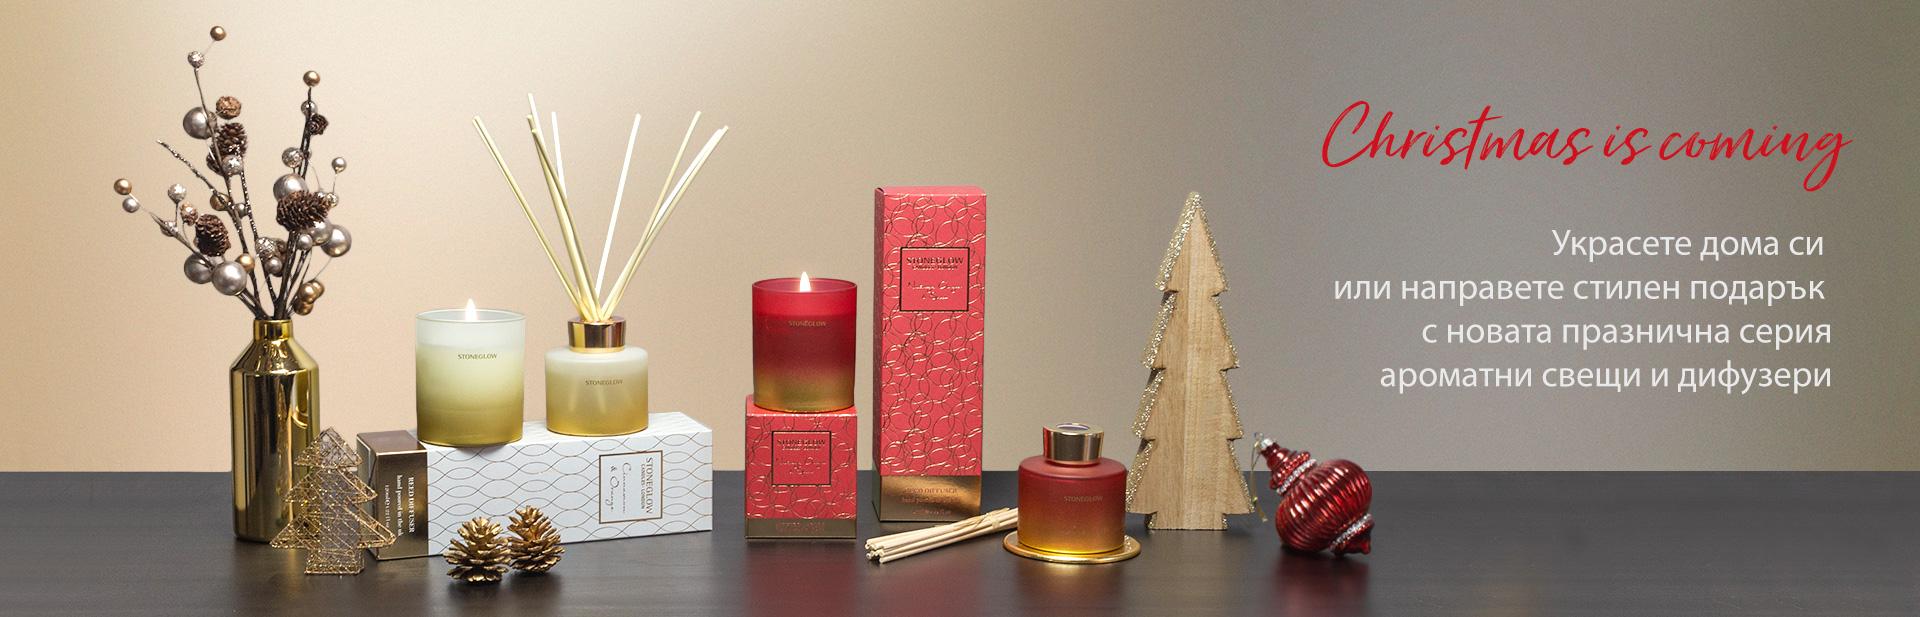 Коледни ароматни свещи и дифузери - оригинален коледен подарък и коледна украса